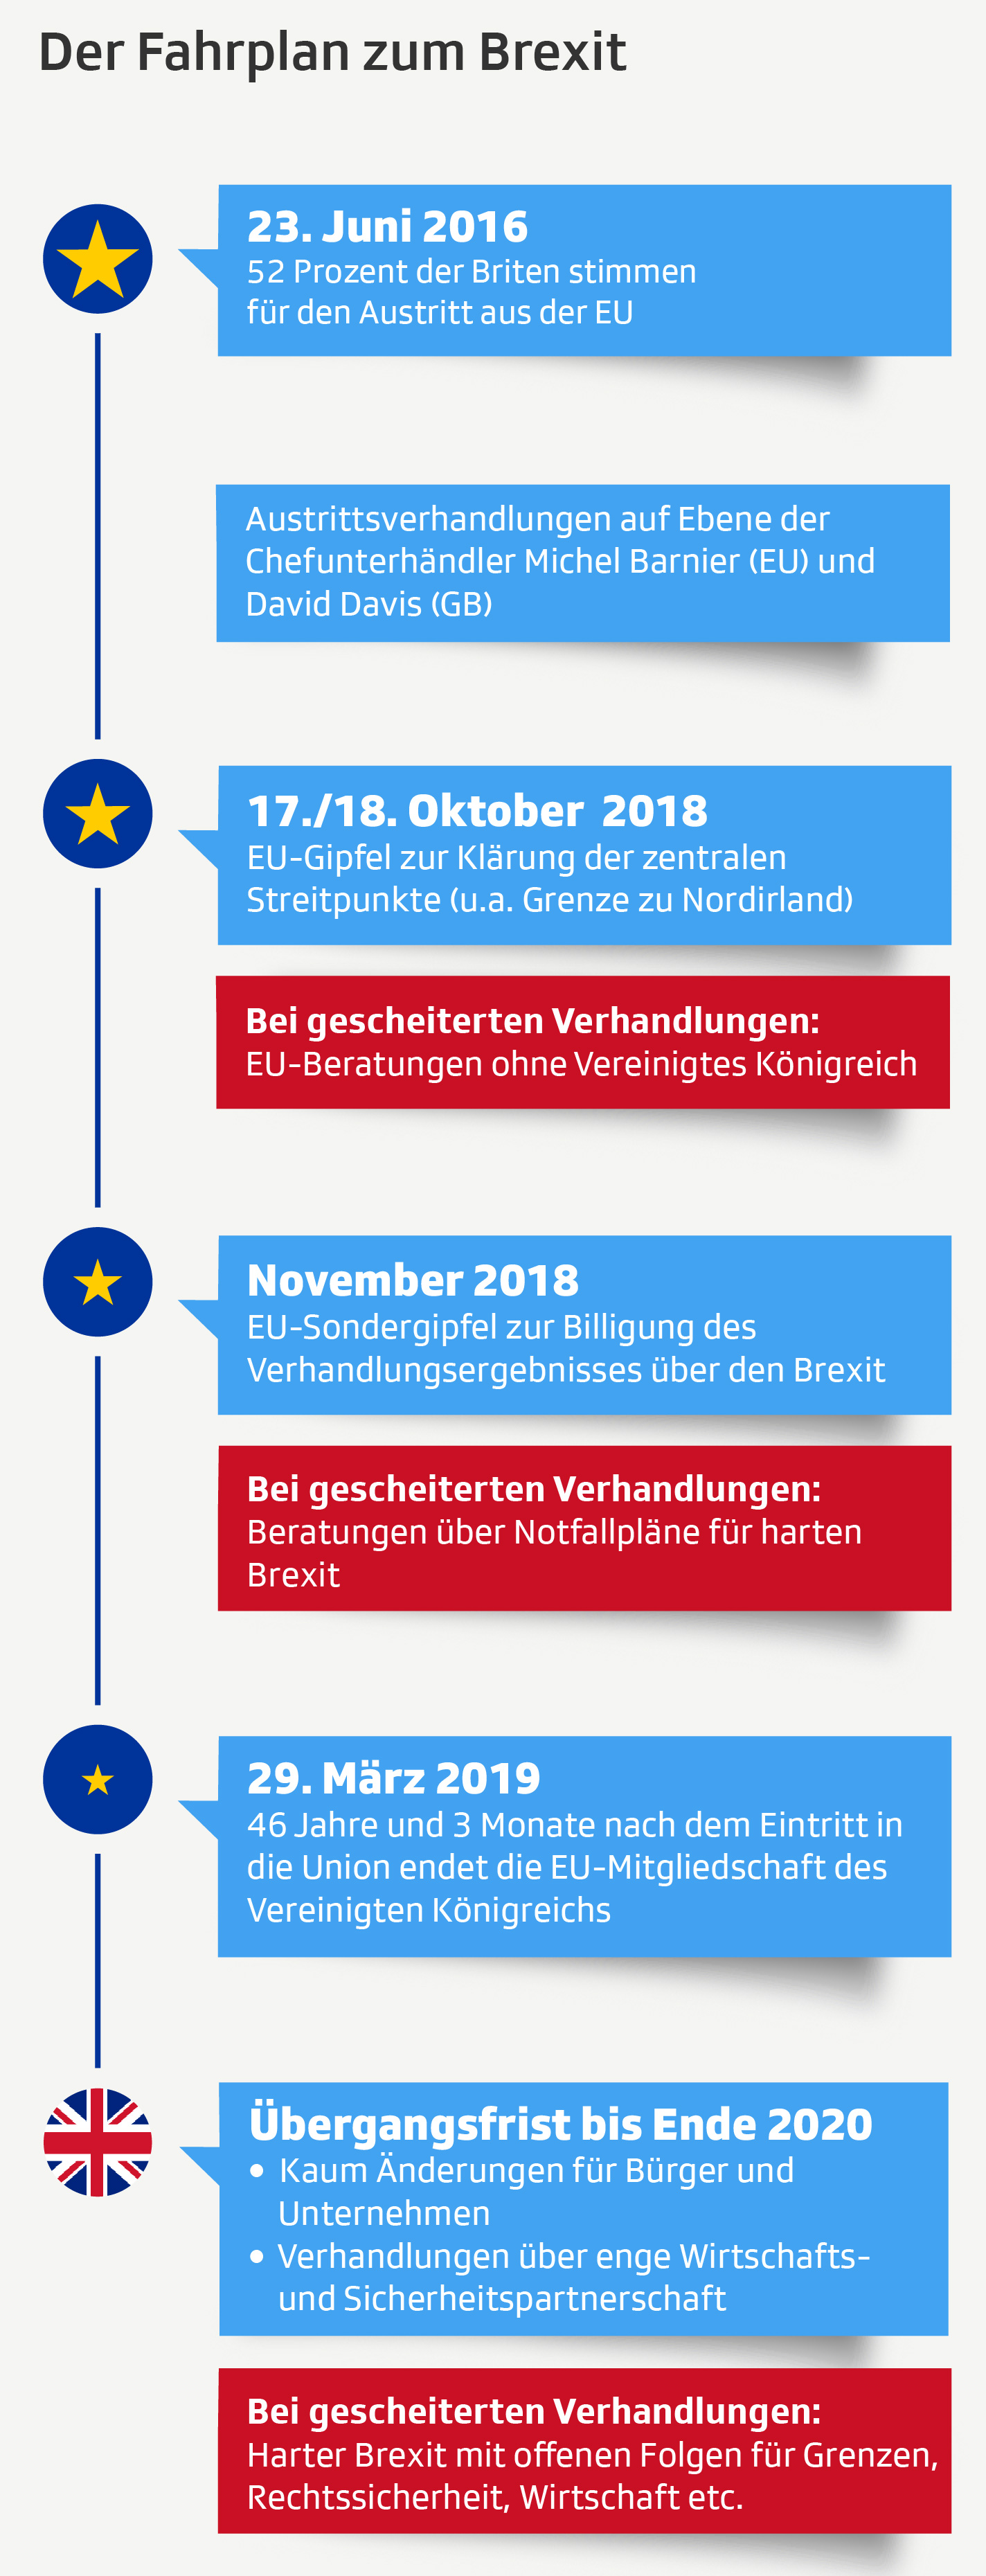 Die letzten Schritte zum Brexit in der Timeline